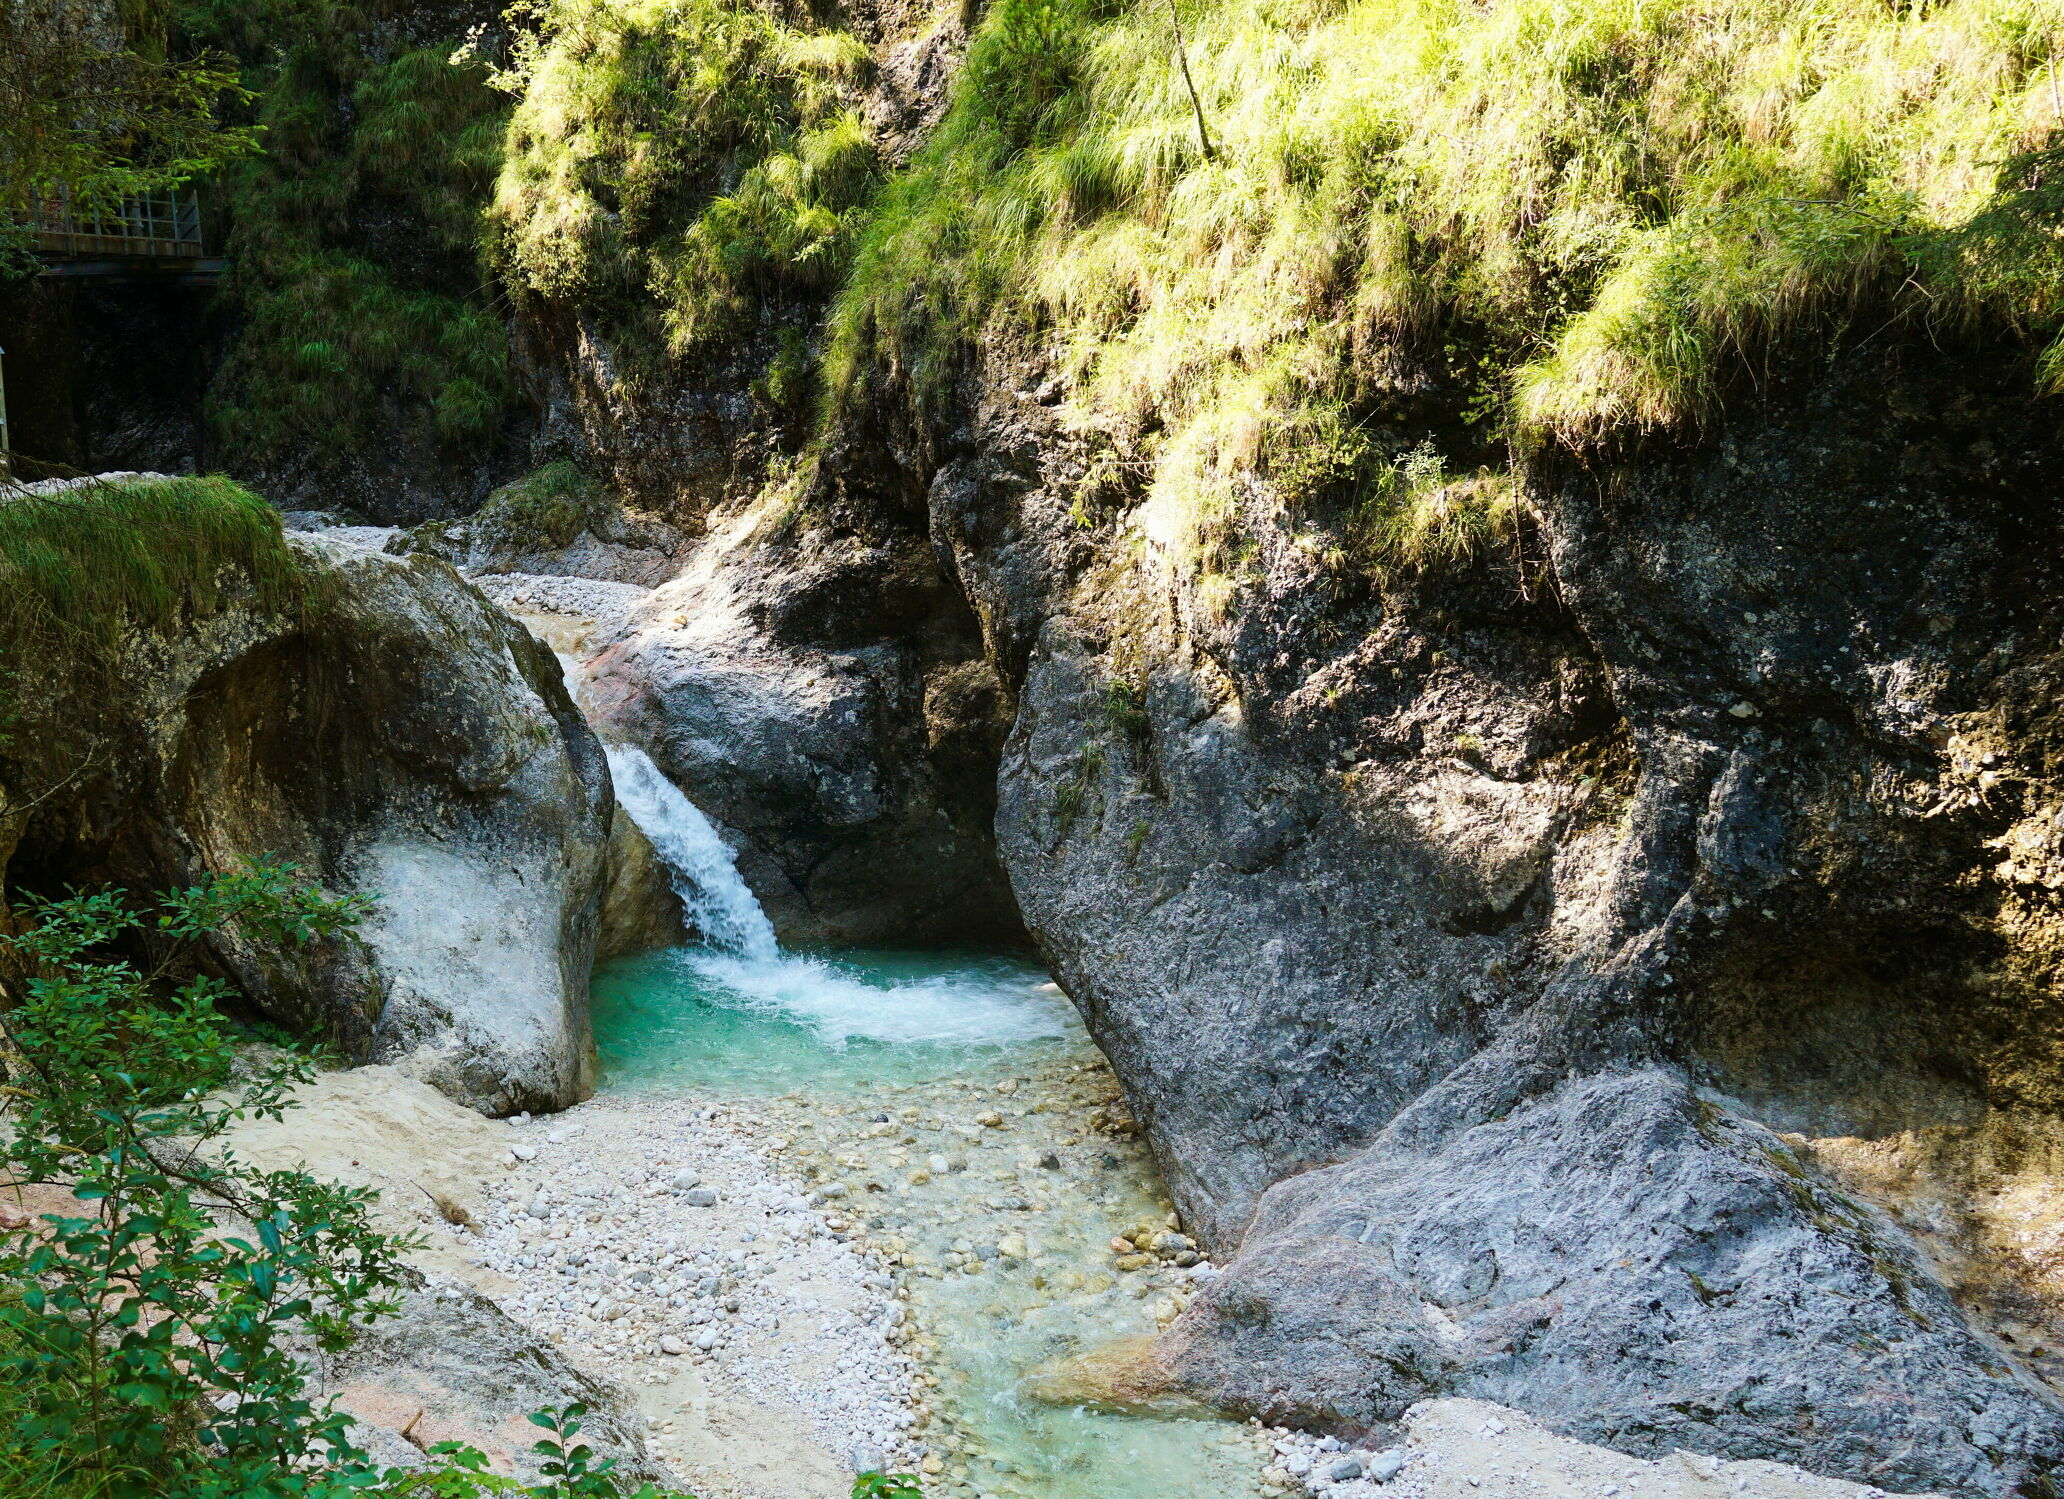 Bild mit Natur, Flüsse, Fluss